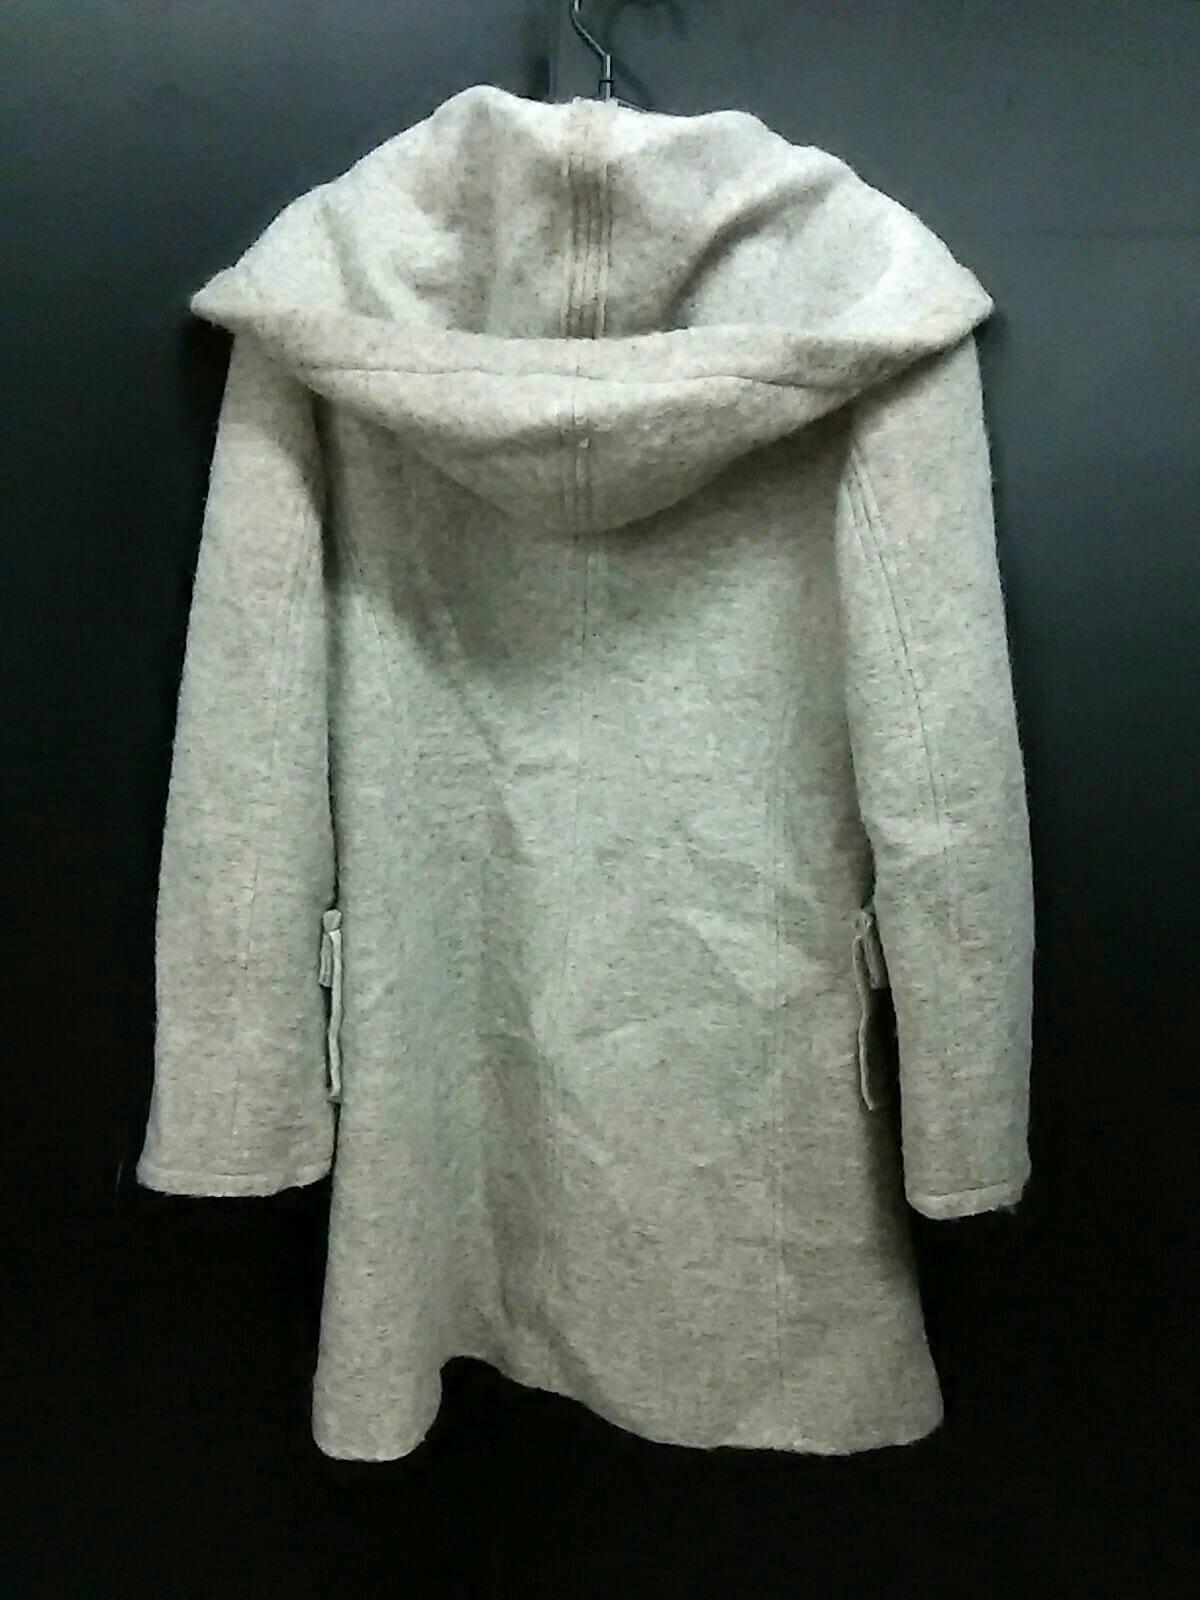 VIVA PRESTO(ヴィヴァプレスト)のコート